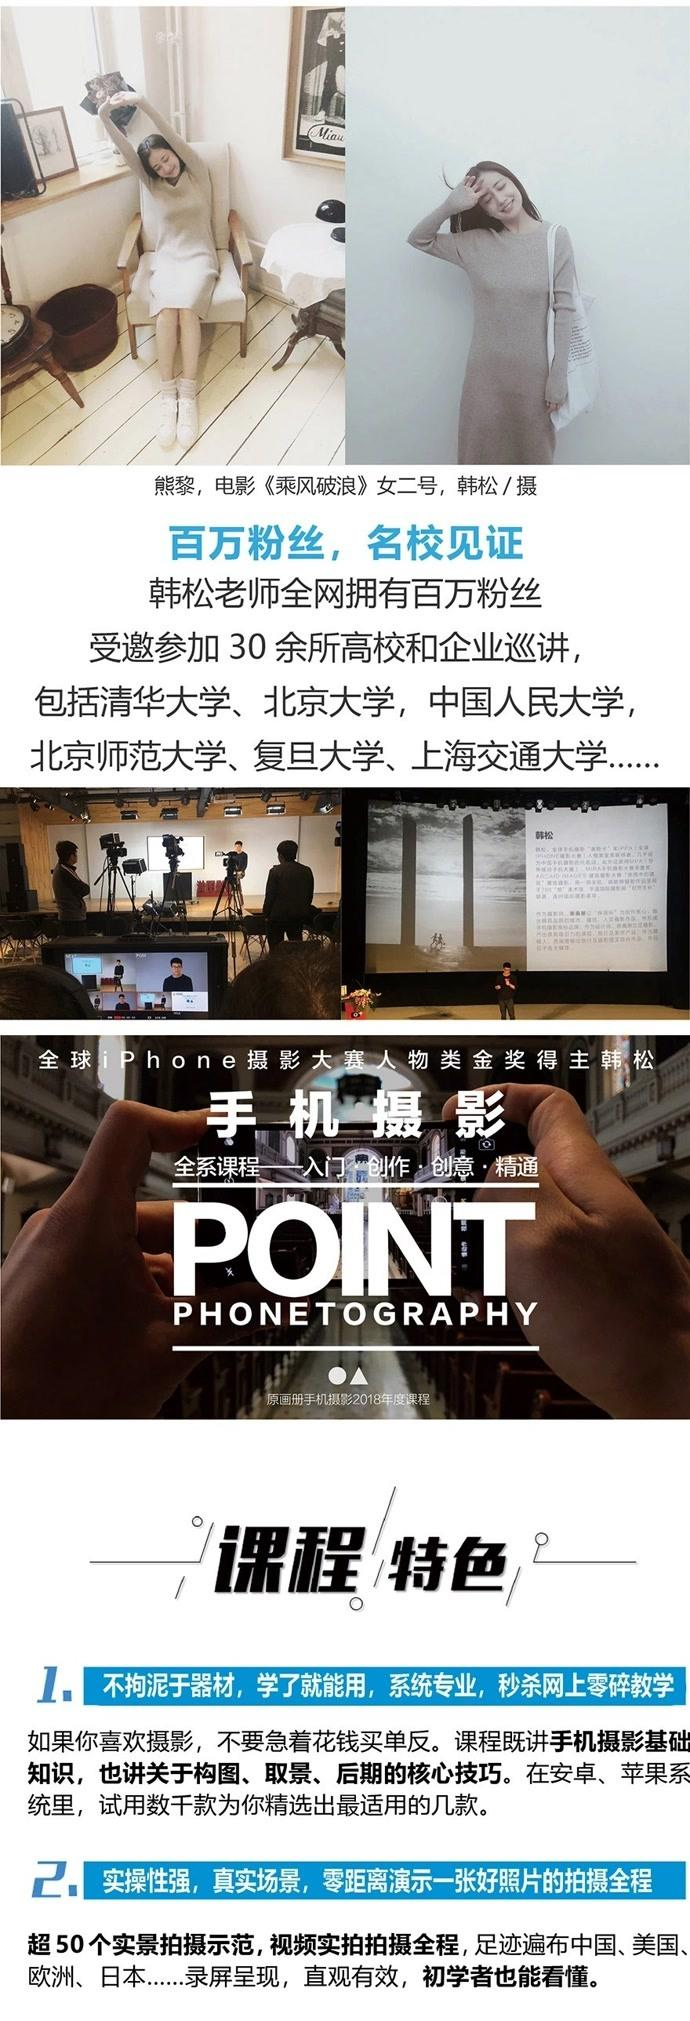 手机摄影课从入门到精通视频教程(30节课)